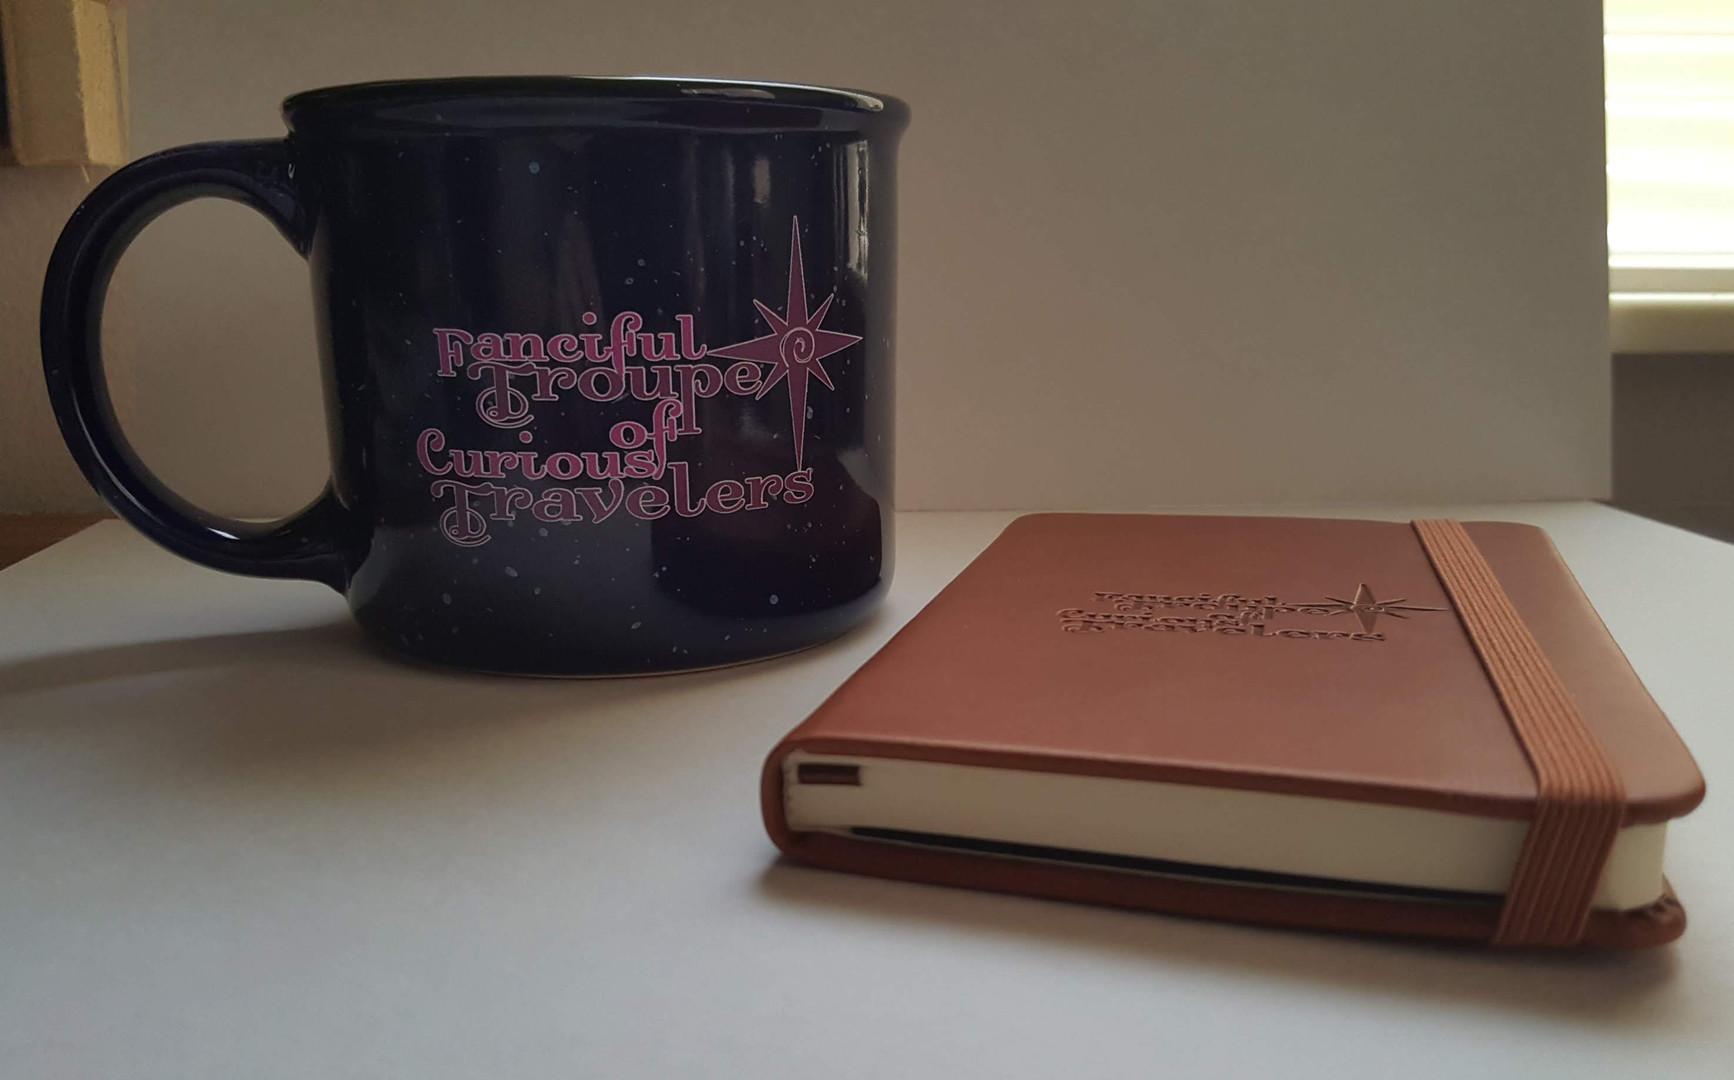 Mug and Journal side